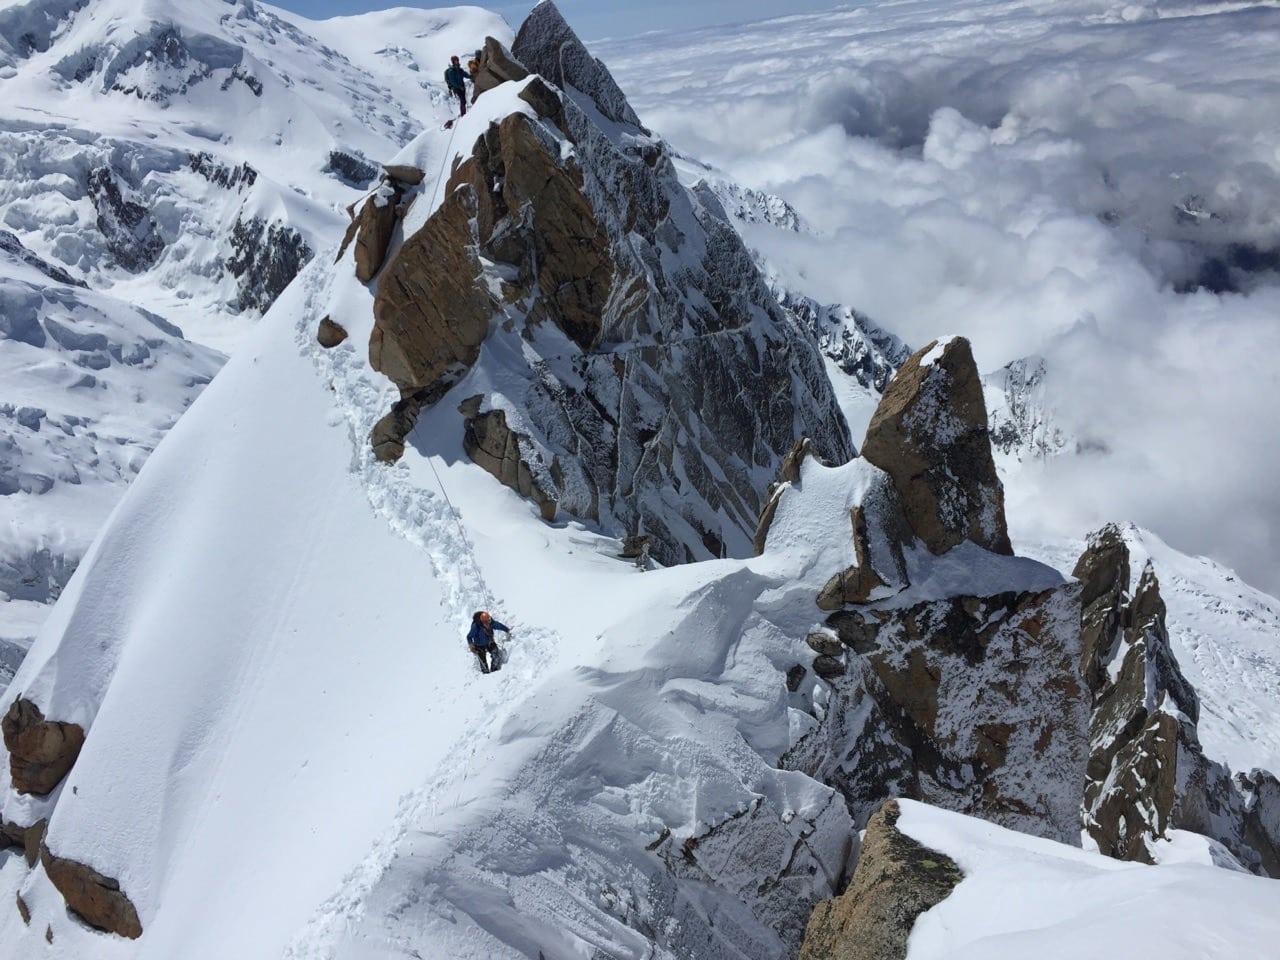 alpinisme hivernal avec un guide